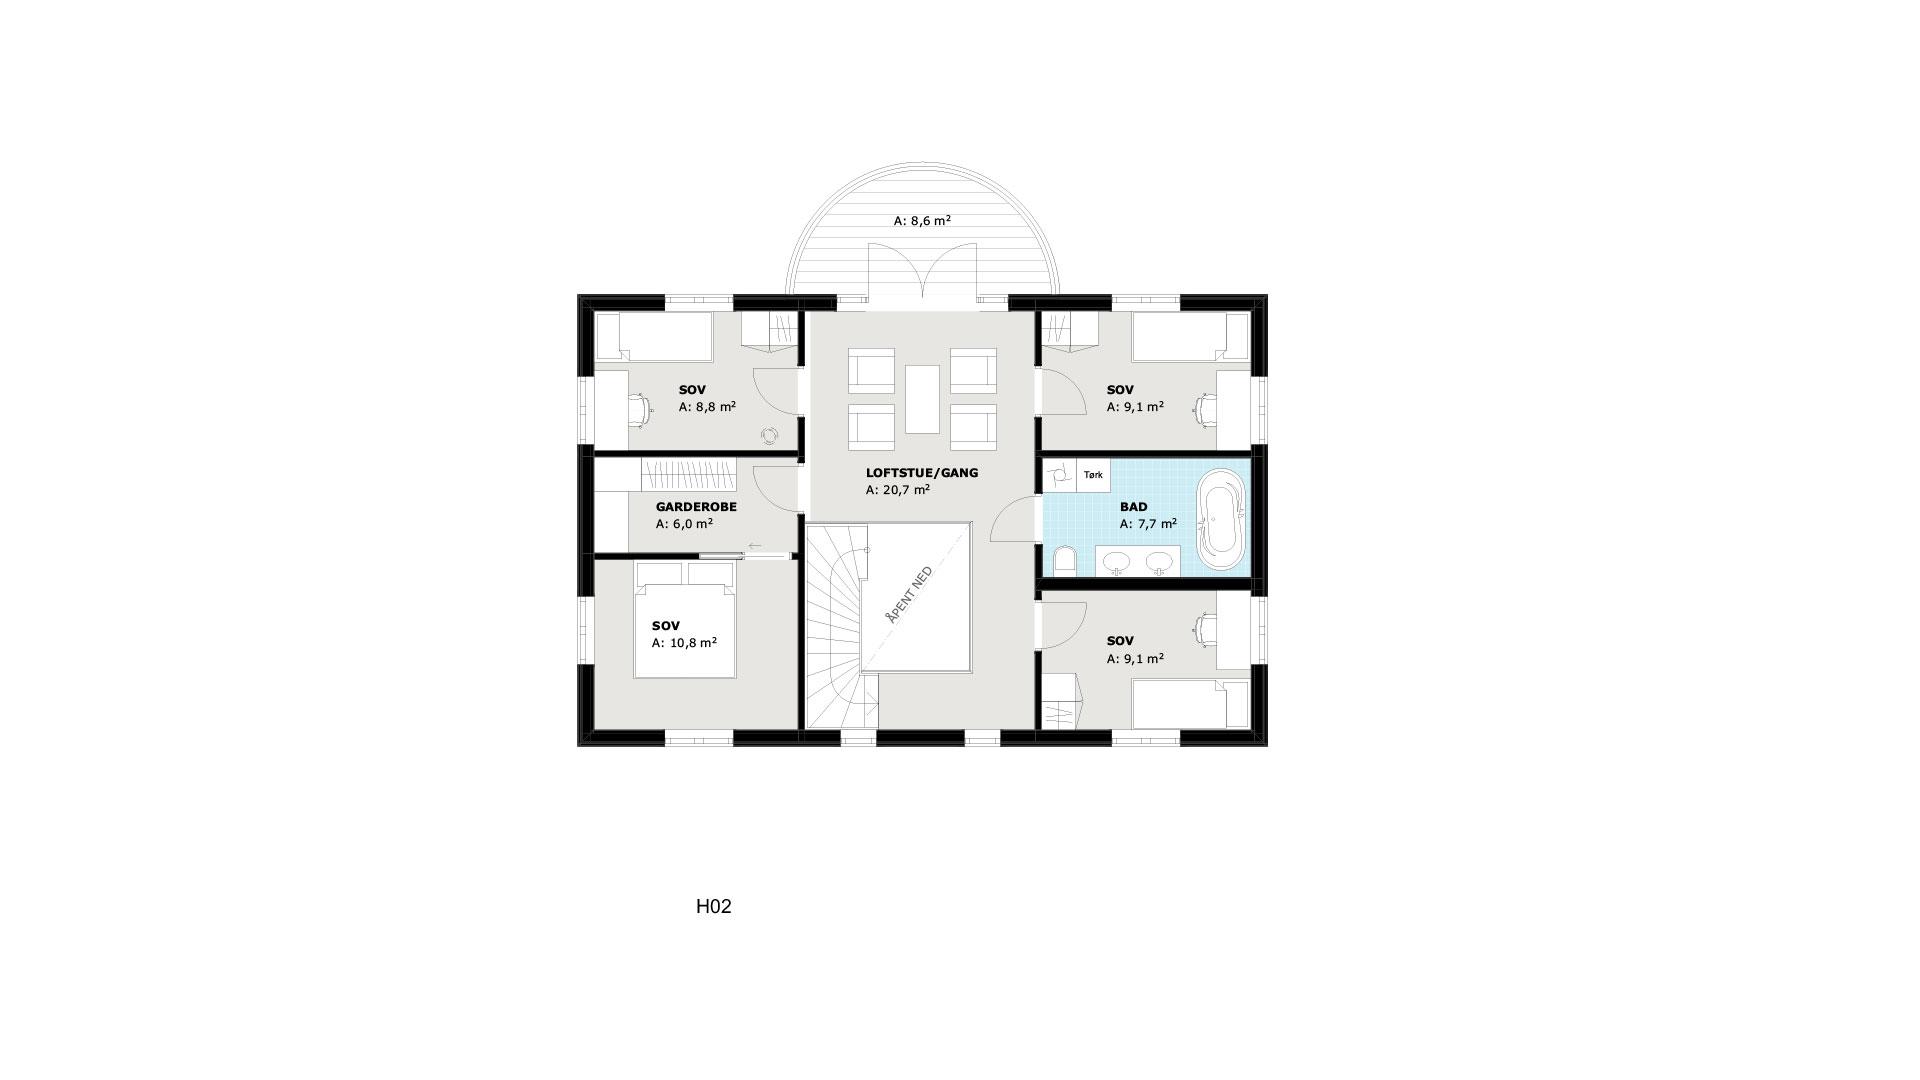 2.etasje Arv